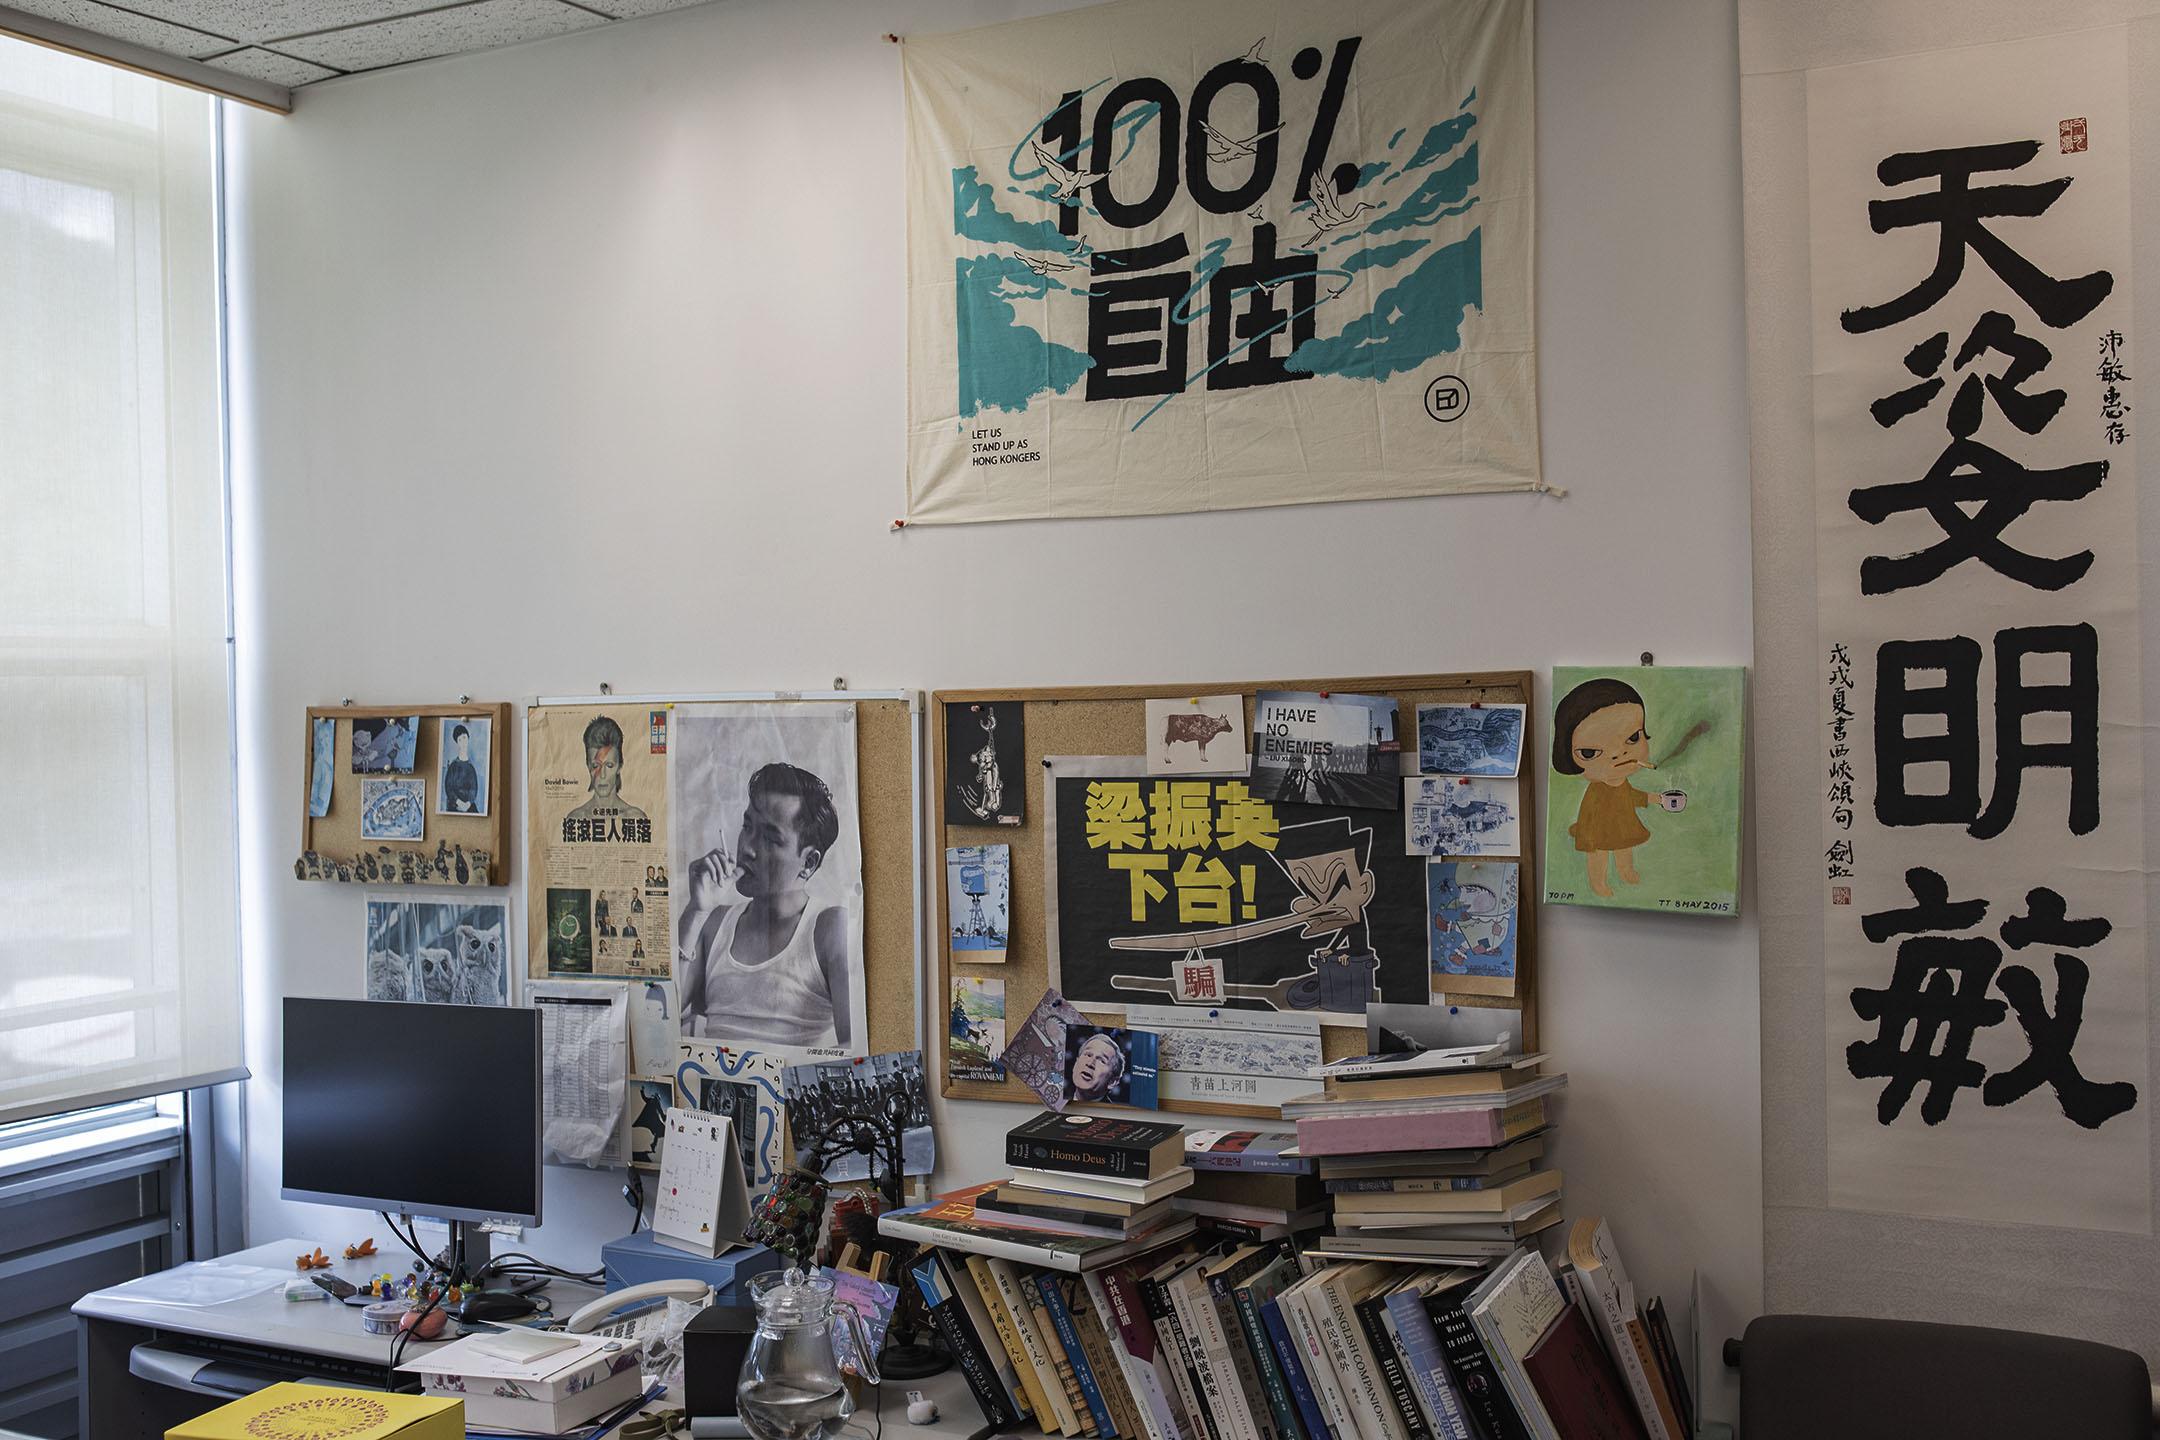 2021年6月17日將軍澳,《蘋果日報》副社長陳沛敏的辦公室。